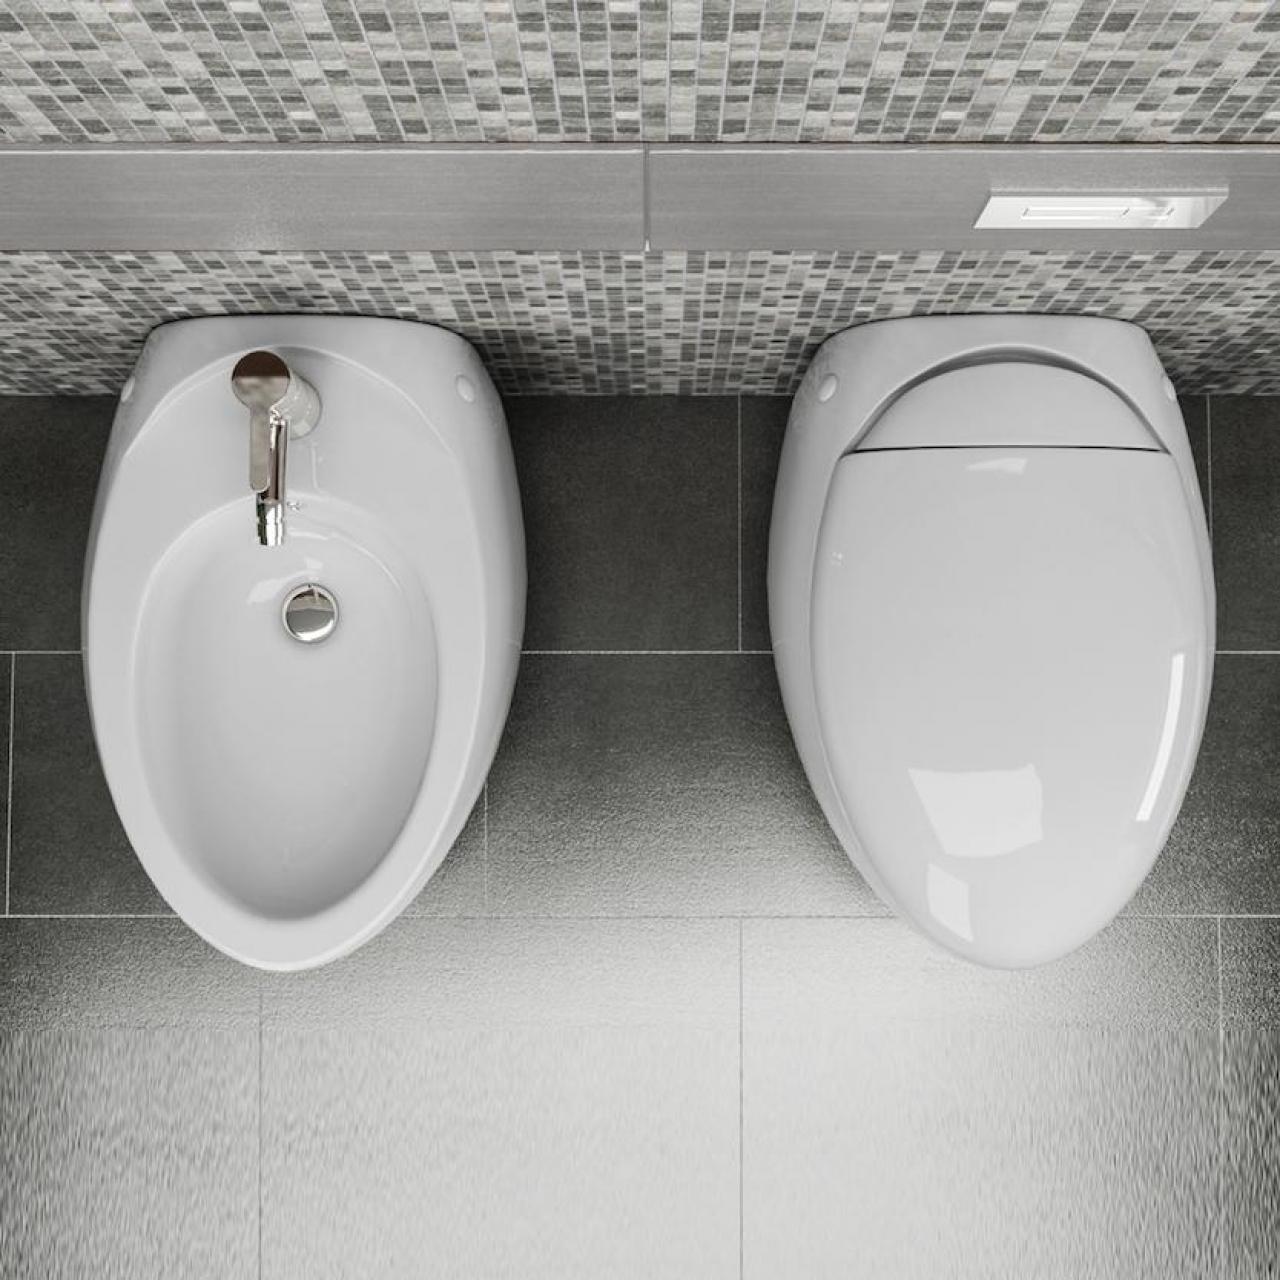 Sanitari filo parete wind wc con seduta e bidet in ceramica di design - Sanitari filo parete prezzi ...